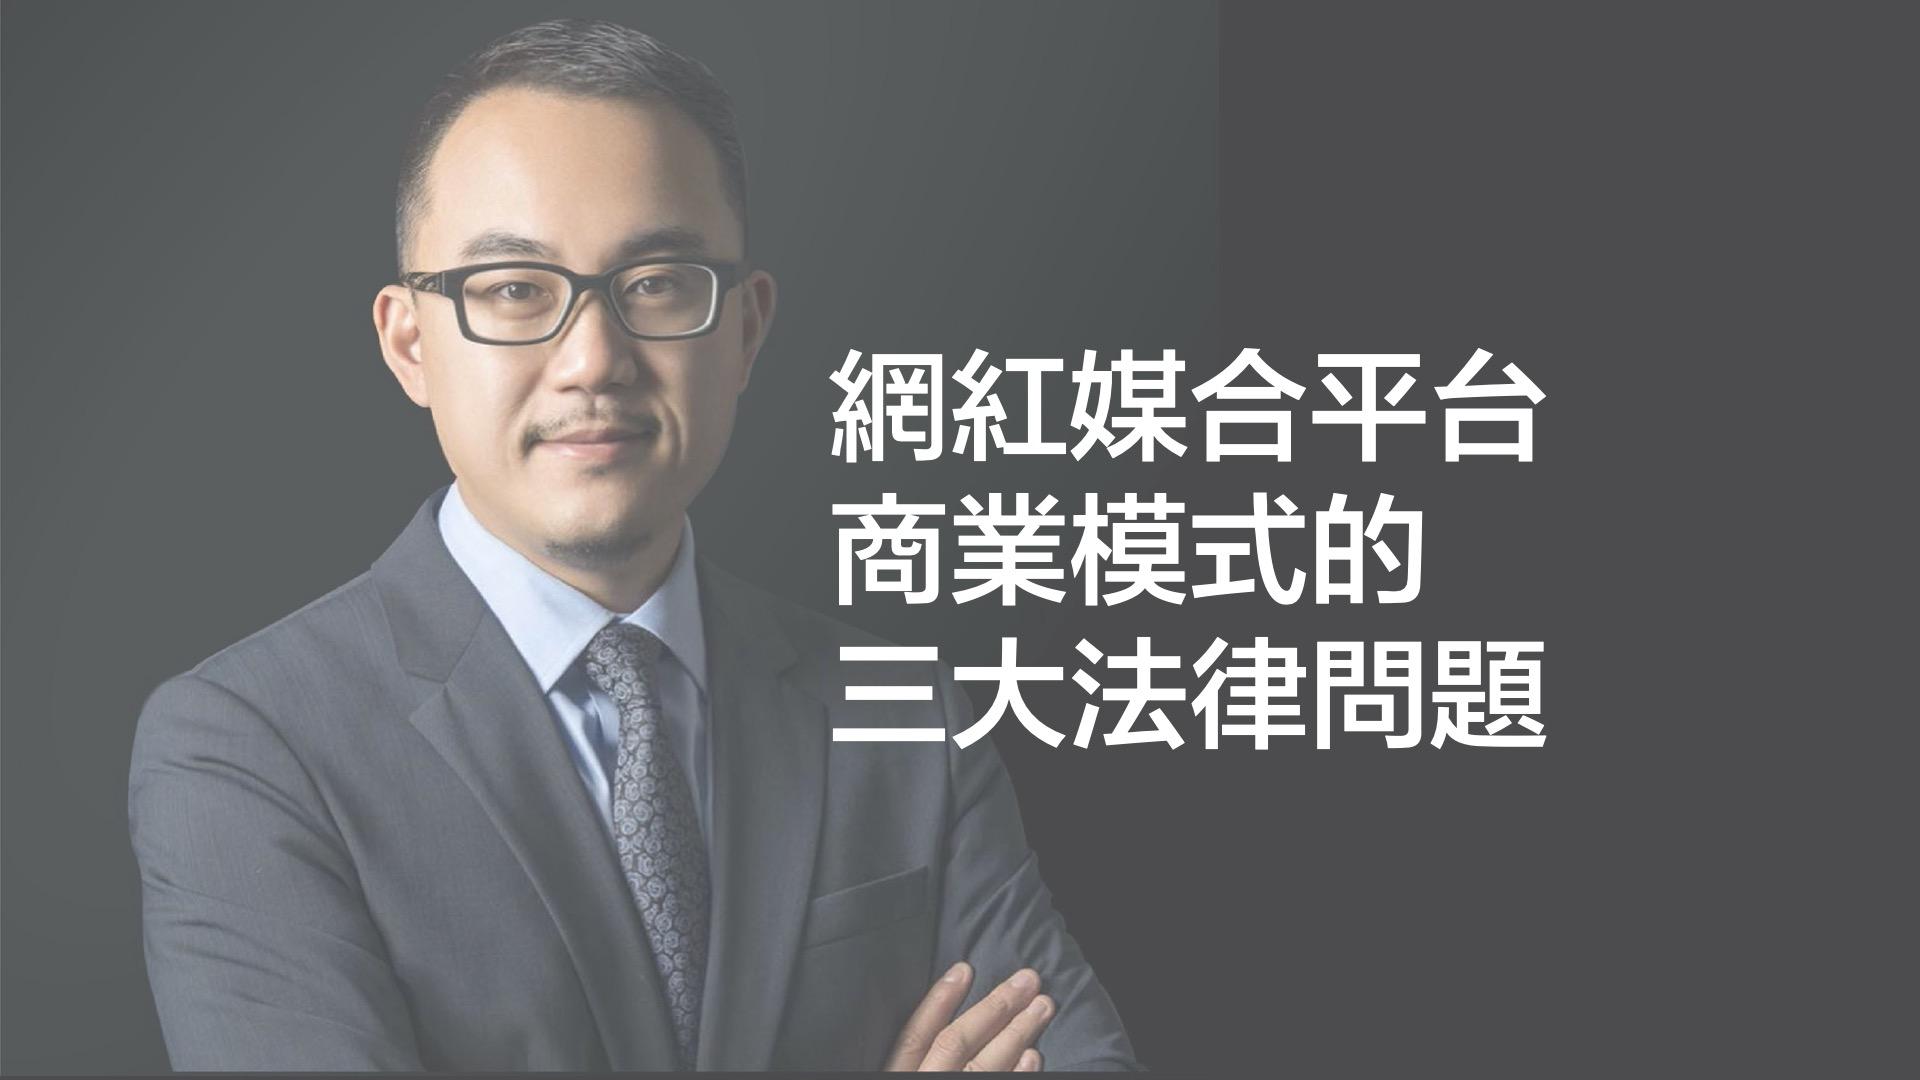 網紅媒合平台商業模式的三大法律問題